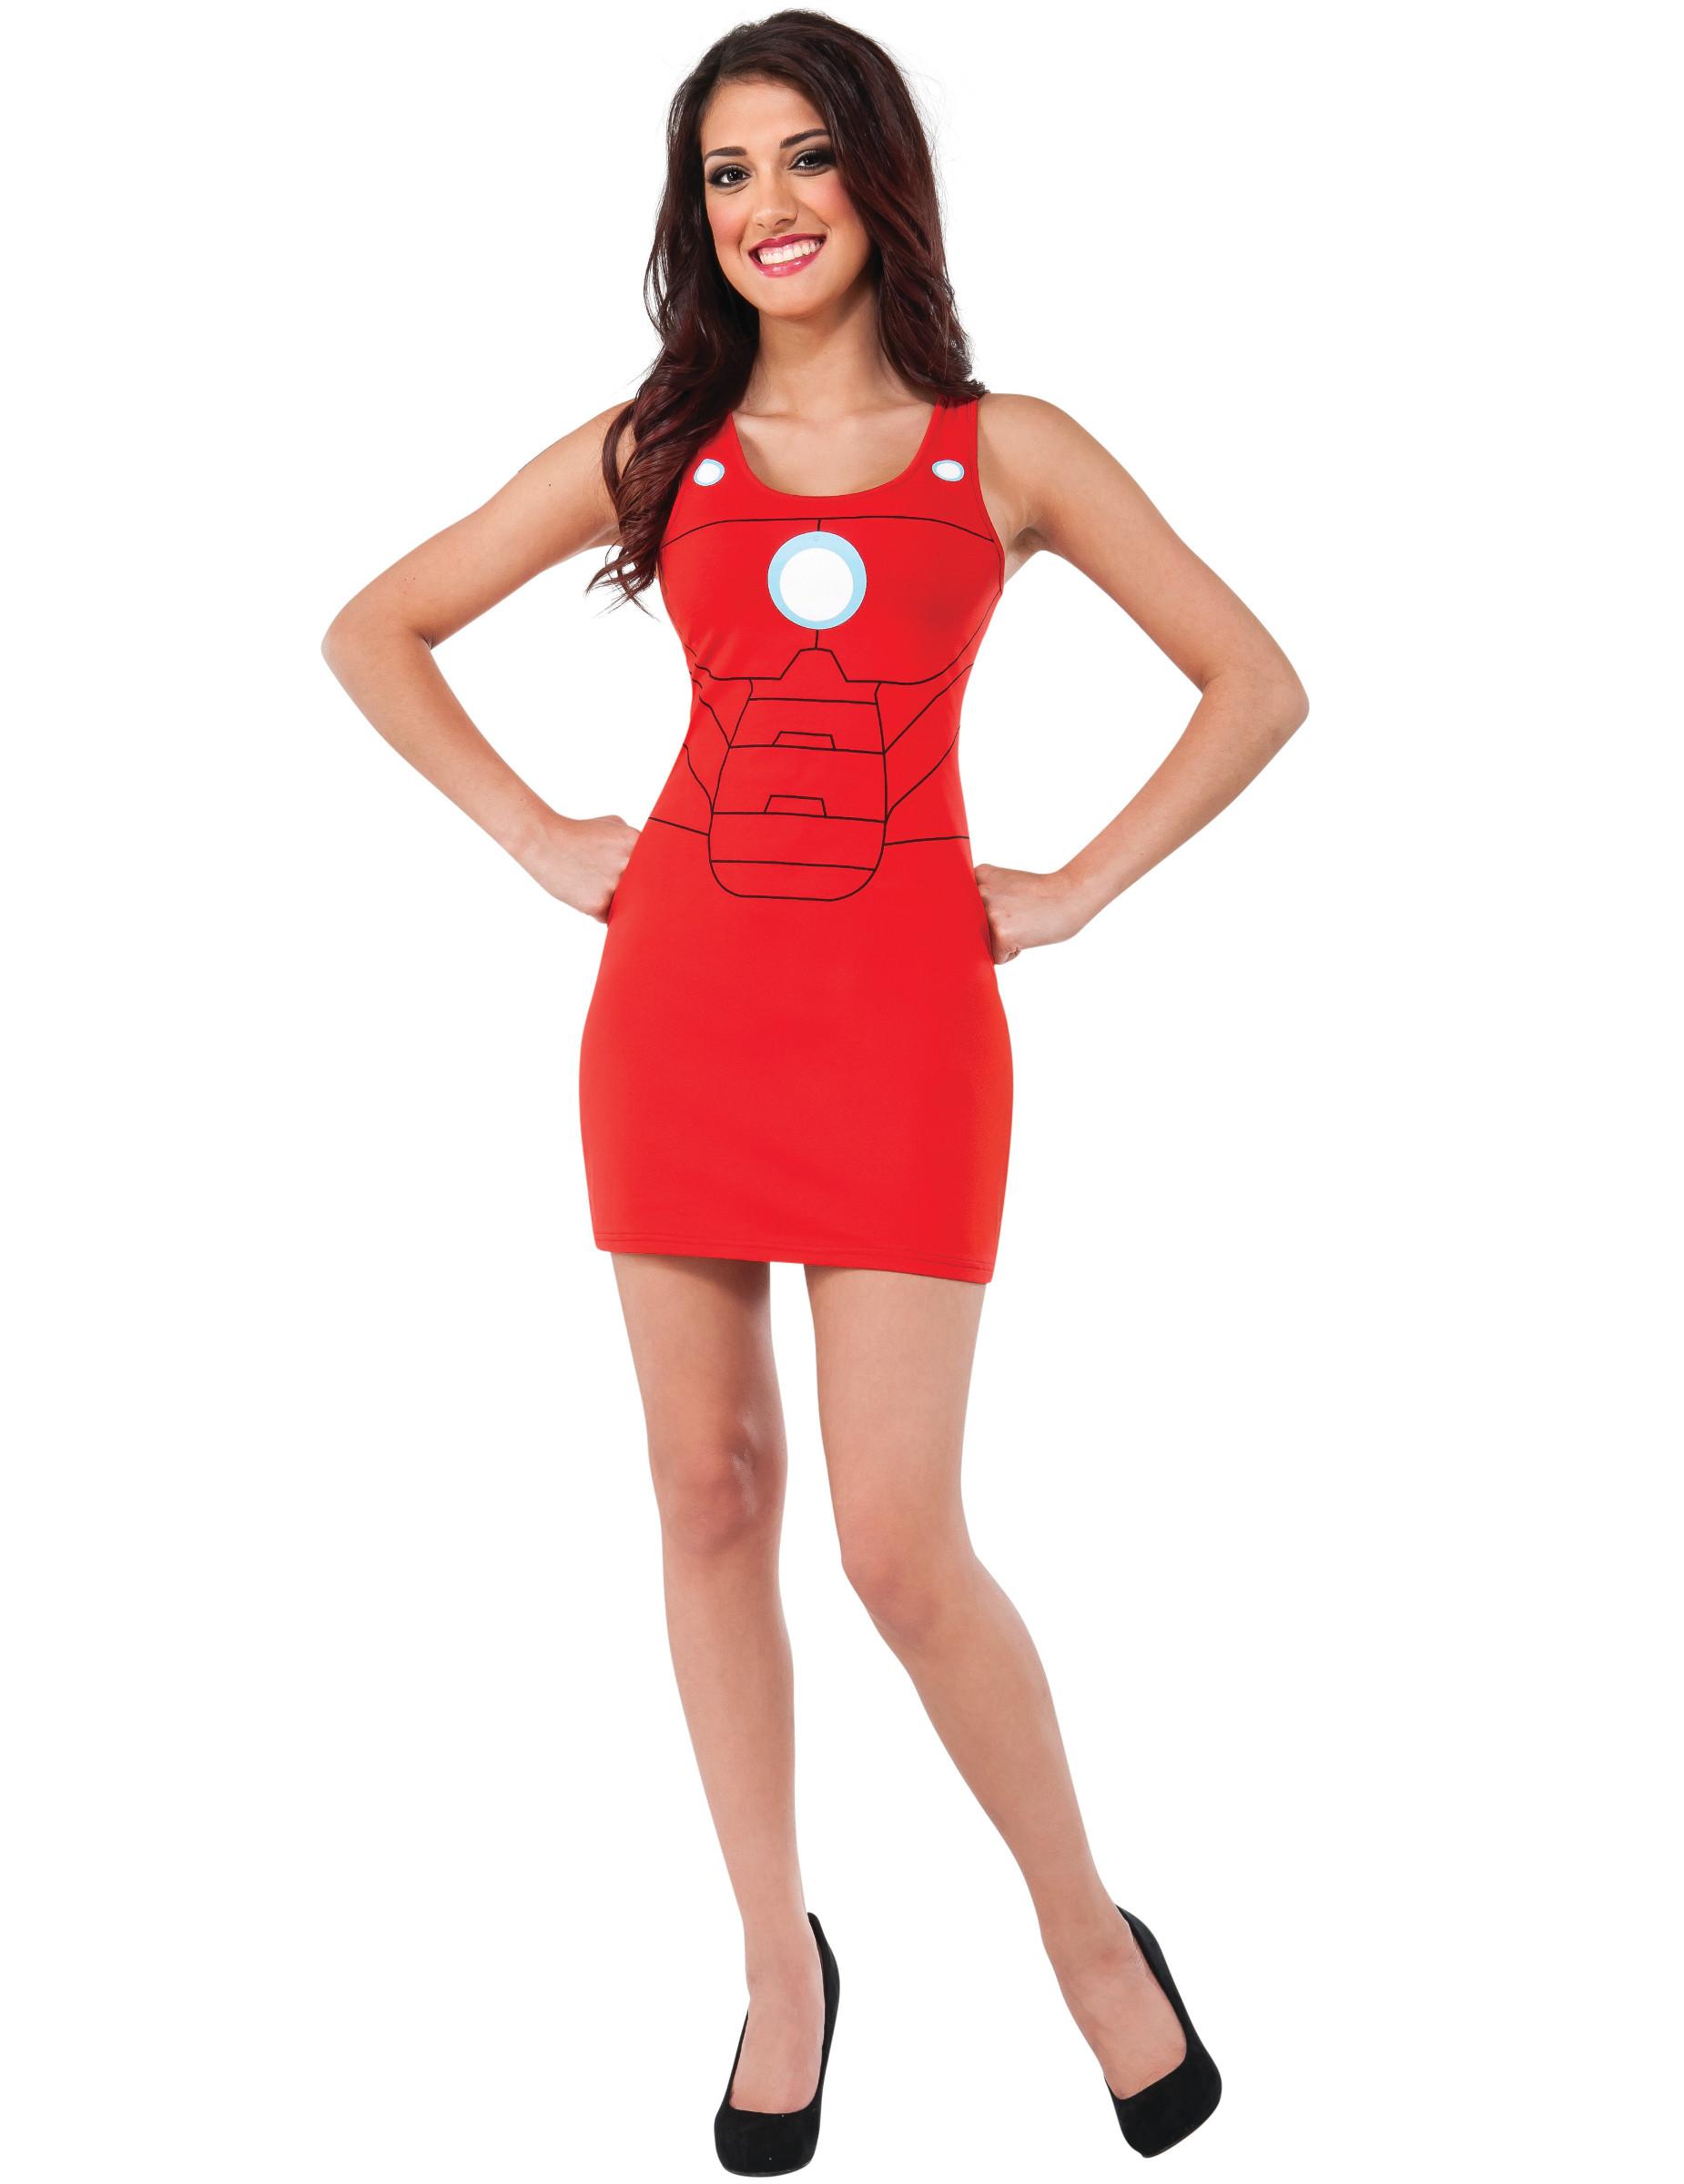 989e012a020e6 Costume vestito rosso Iron Man™ donna  Costumi adulti